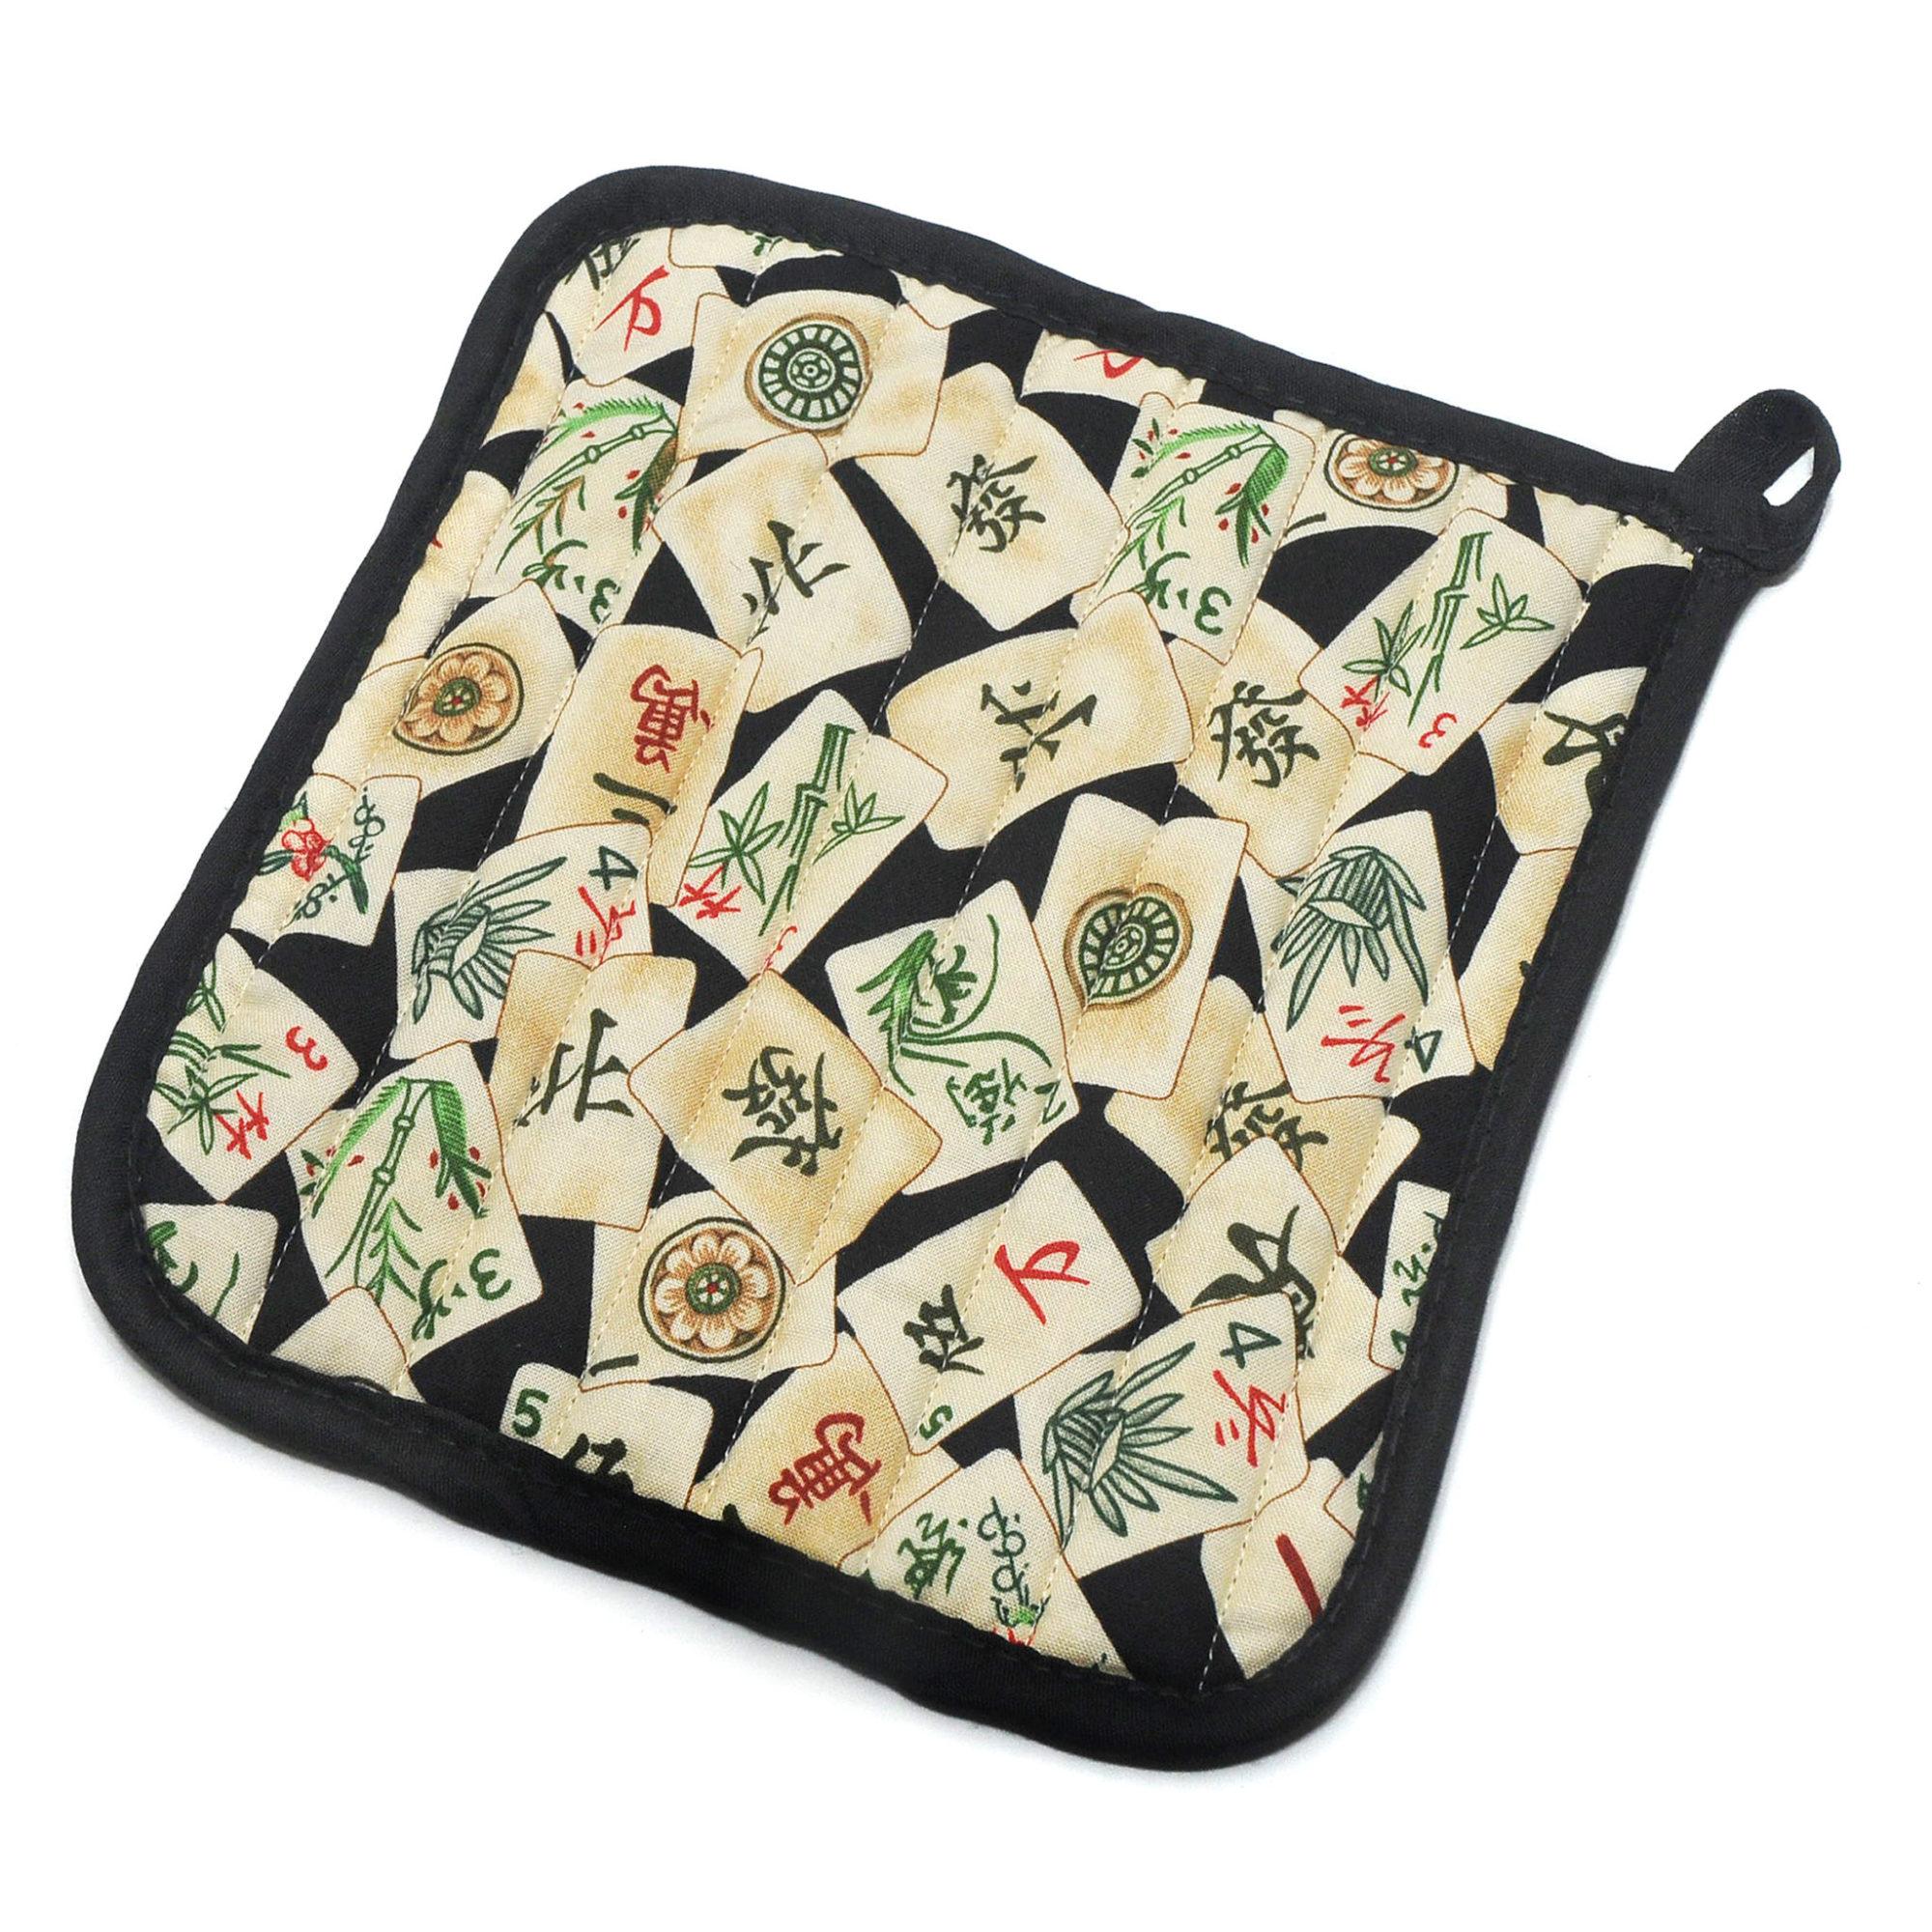 Vintage Mah Jongg Tile Hot Pad